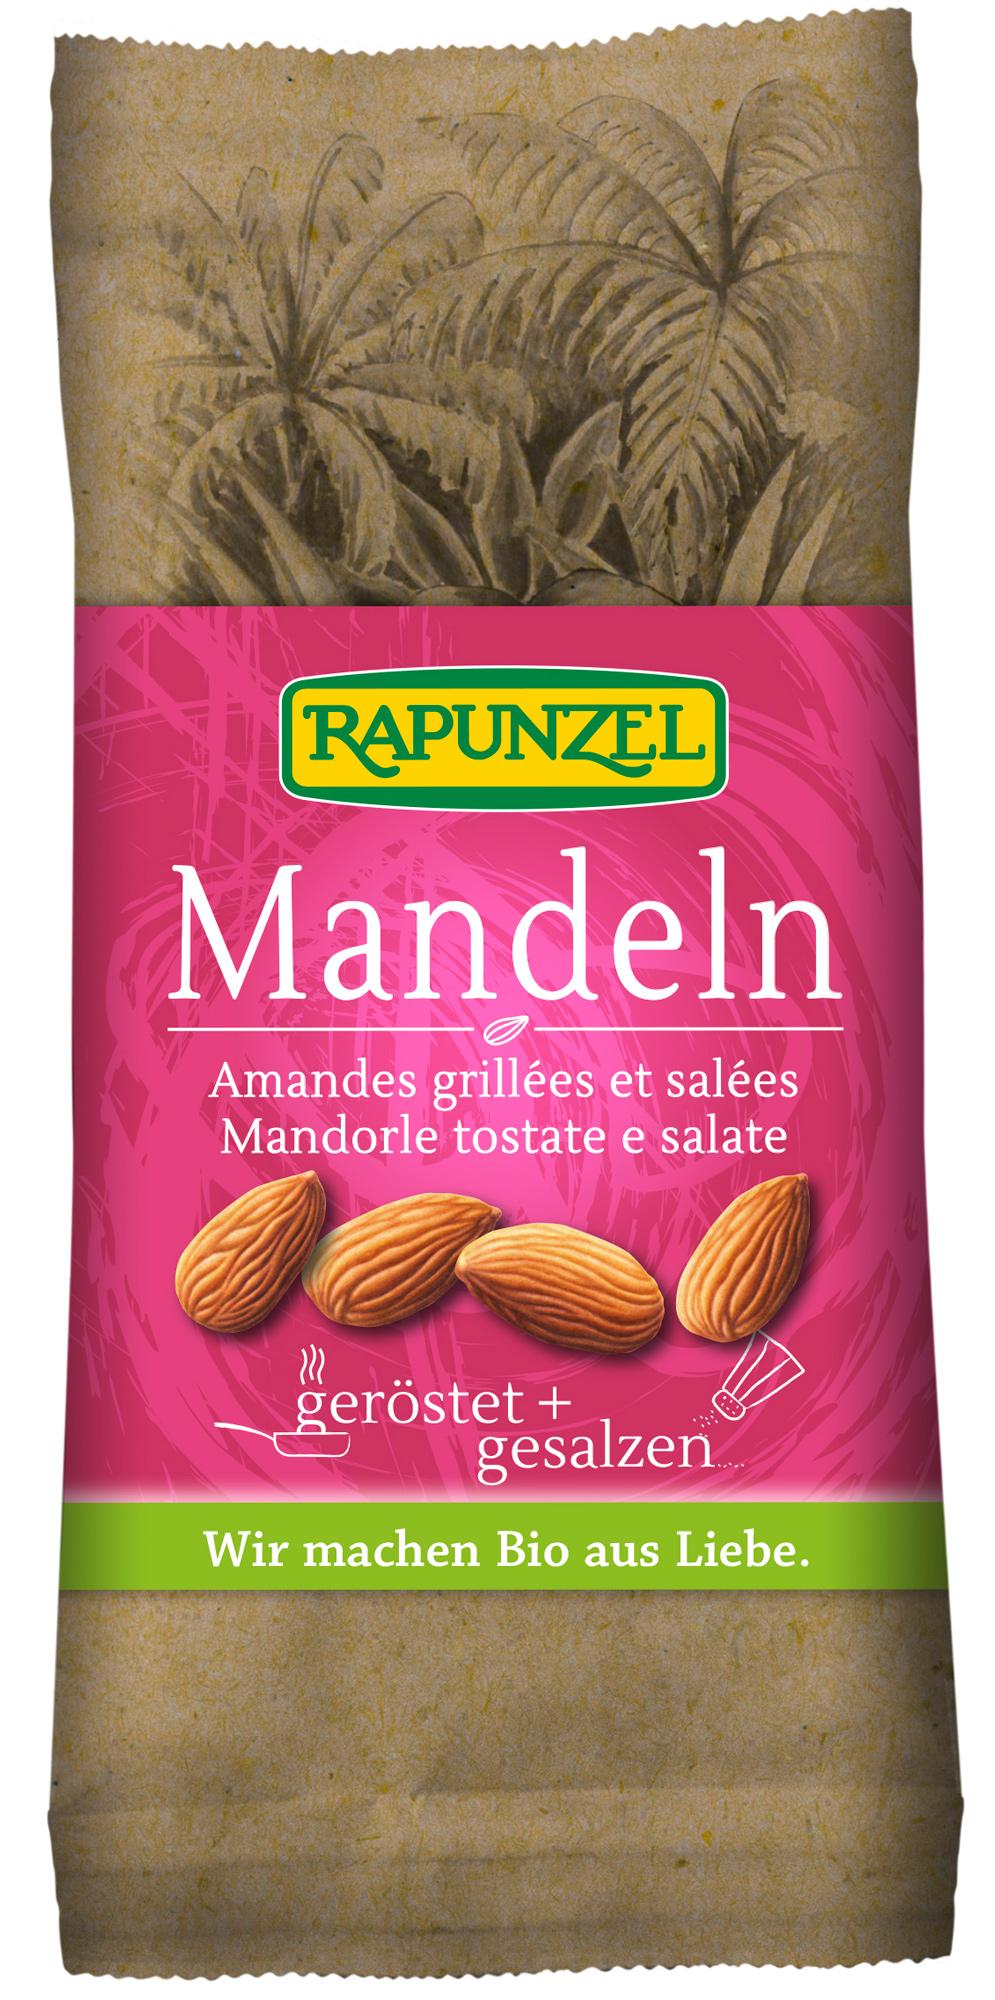 Bio Mandeln, geröstet + gesalzen, 60 g